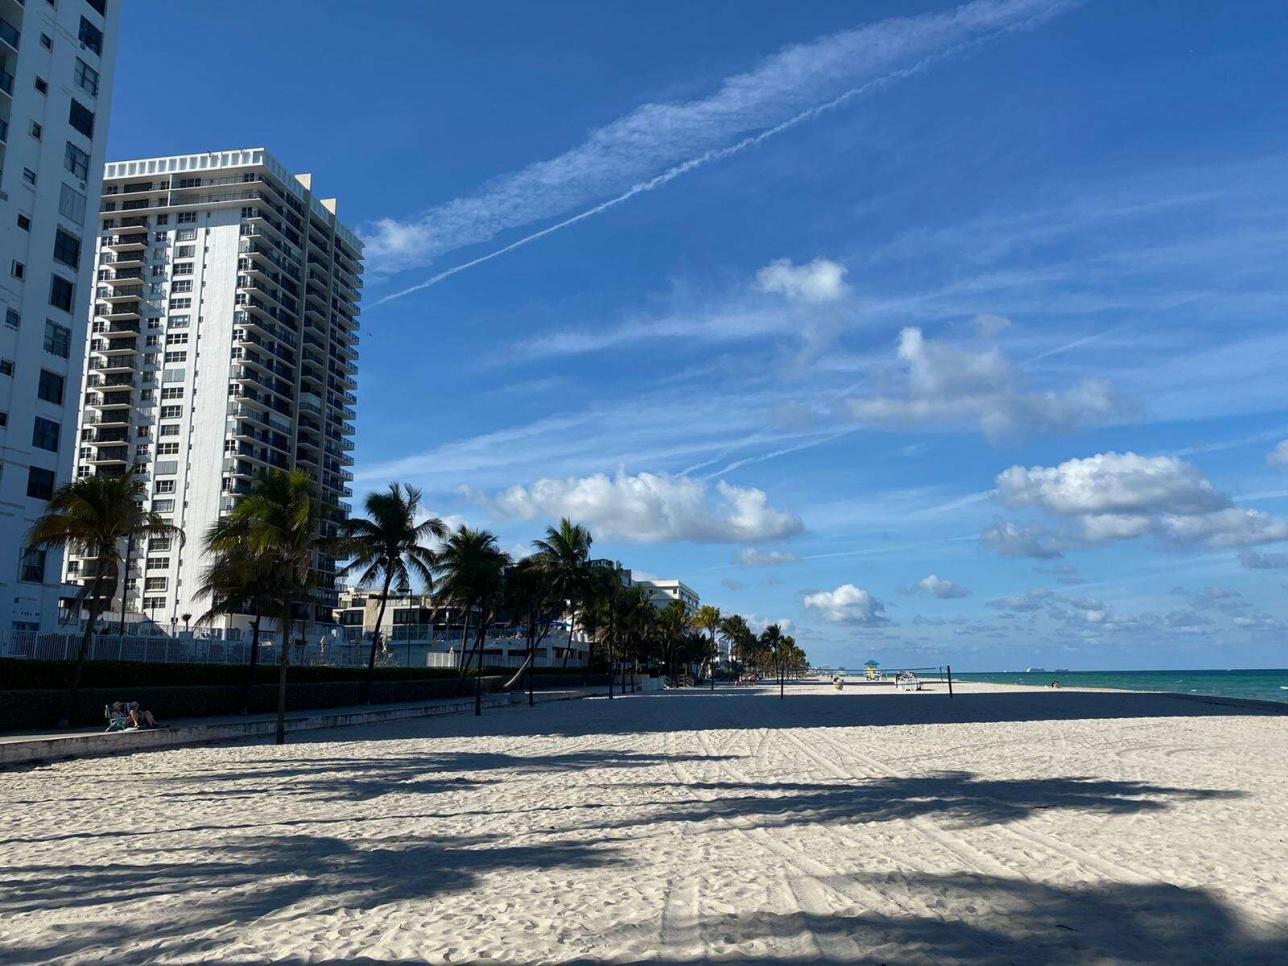 АҚШ-тың Флорида штаты Майами қаласындағы жағажай